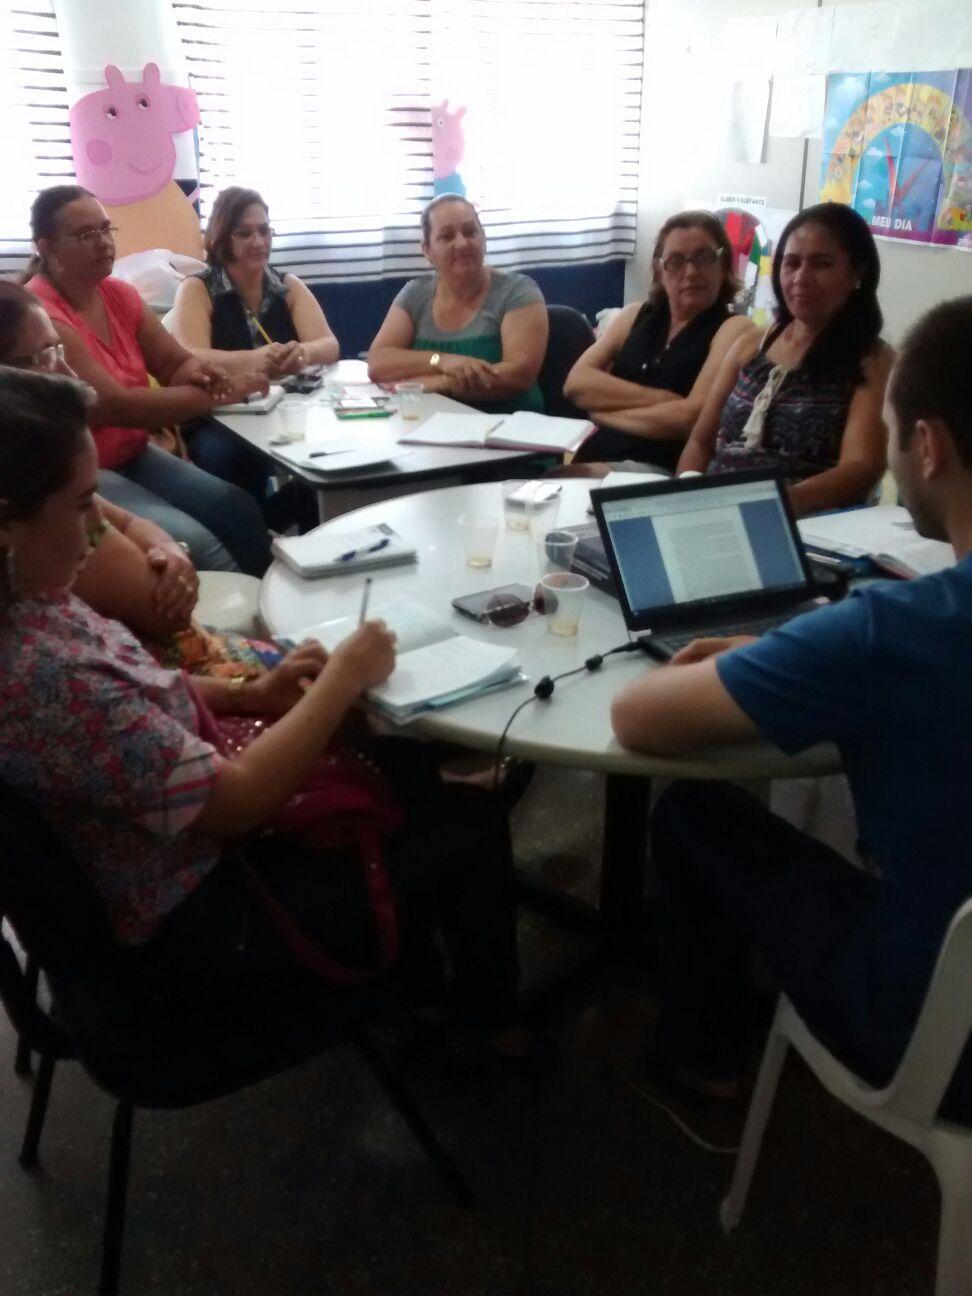 Um grupo de cerca de 10 educadores conversa ao redor de uma grande mesa.